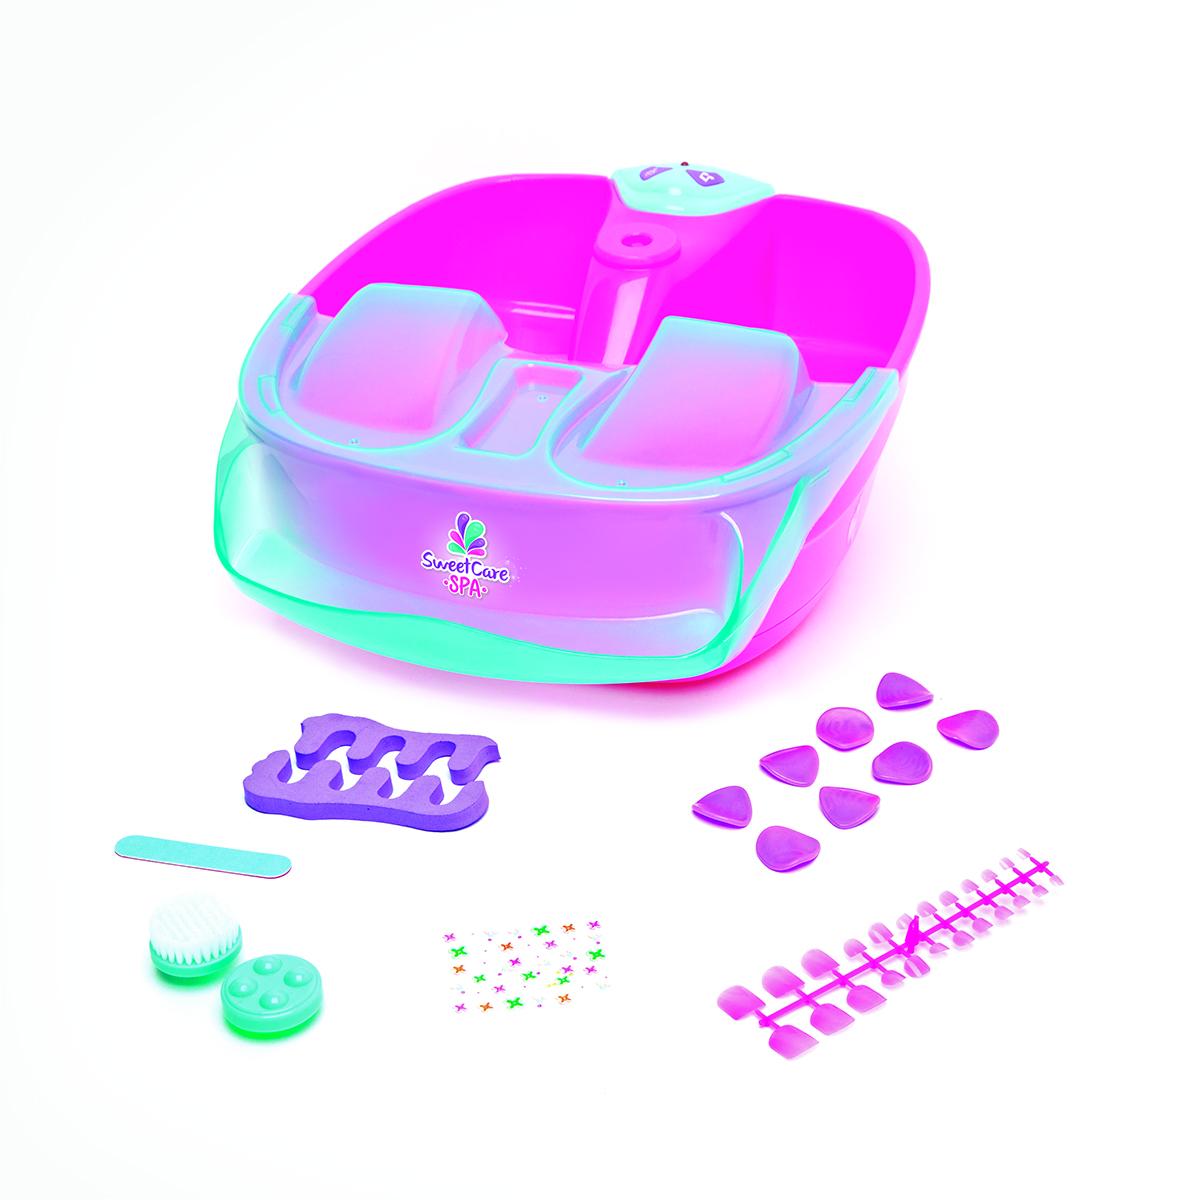 Ameurop Детский набор для педикюра FOOT SPASCHBНабор для педикюра входит-ванночка для ног, шаблоны для рисунков, декоратичные светильник свеча, палочки для педикюра расширитель для пальцев, массажные нассадки, наклейки.